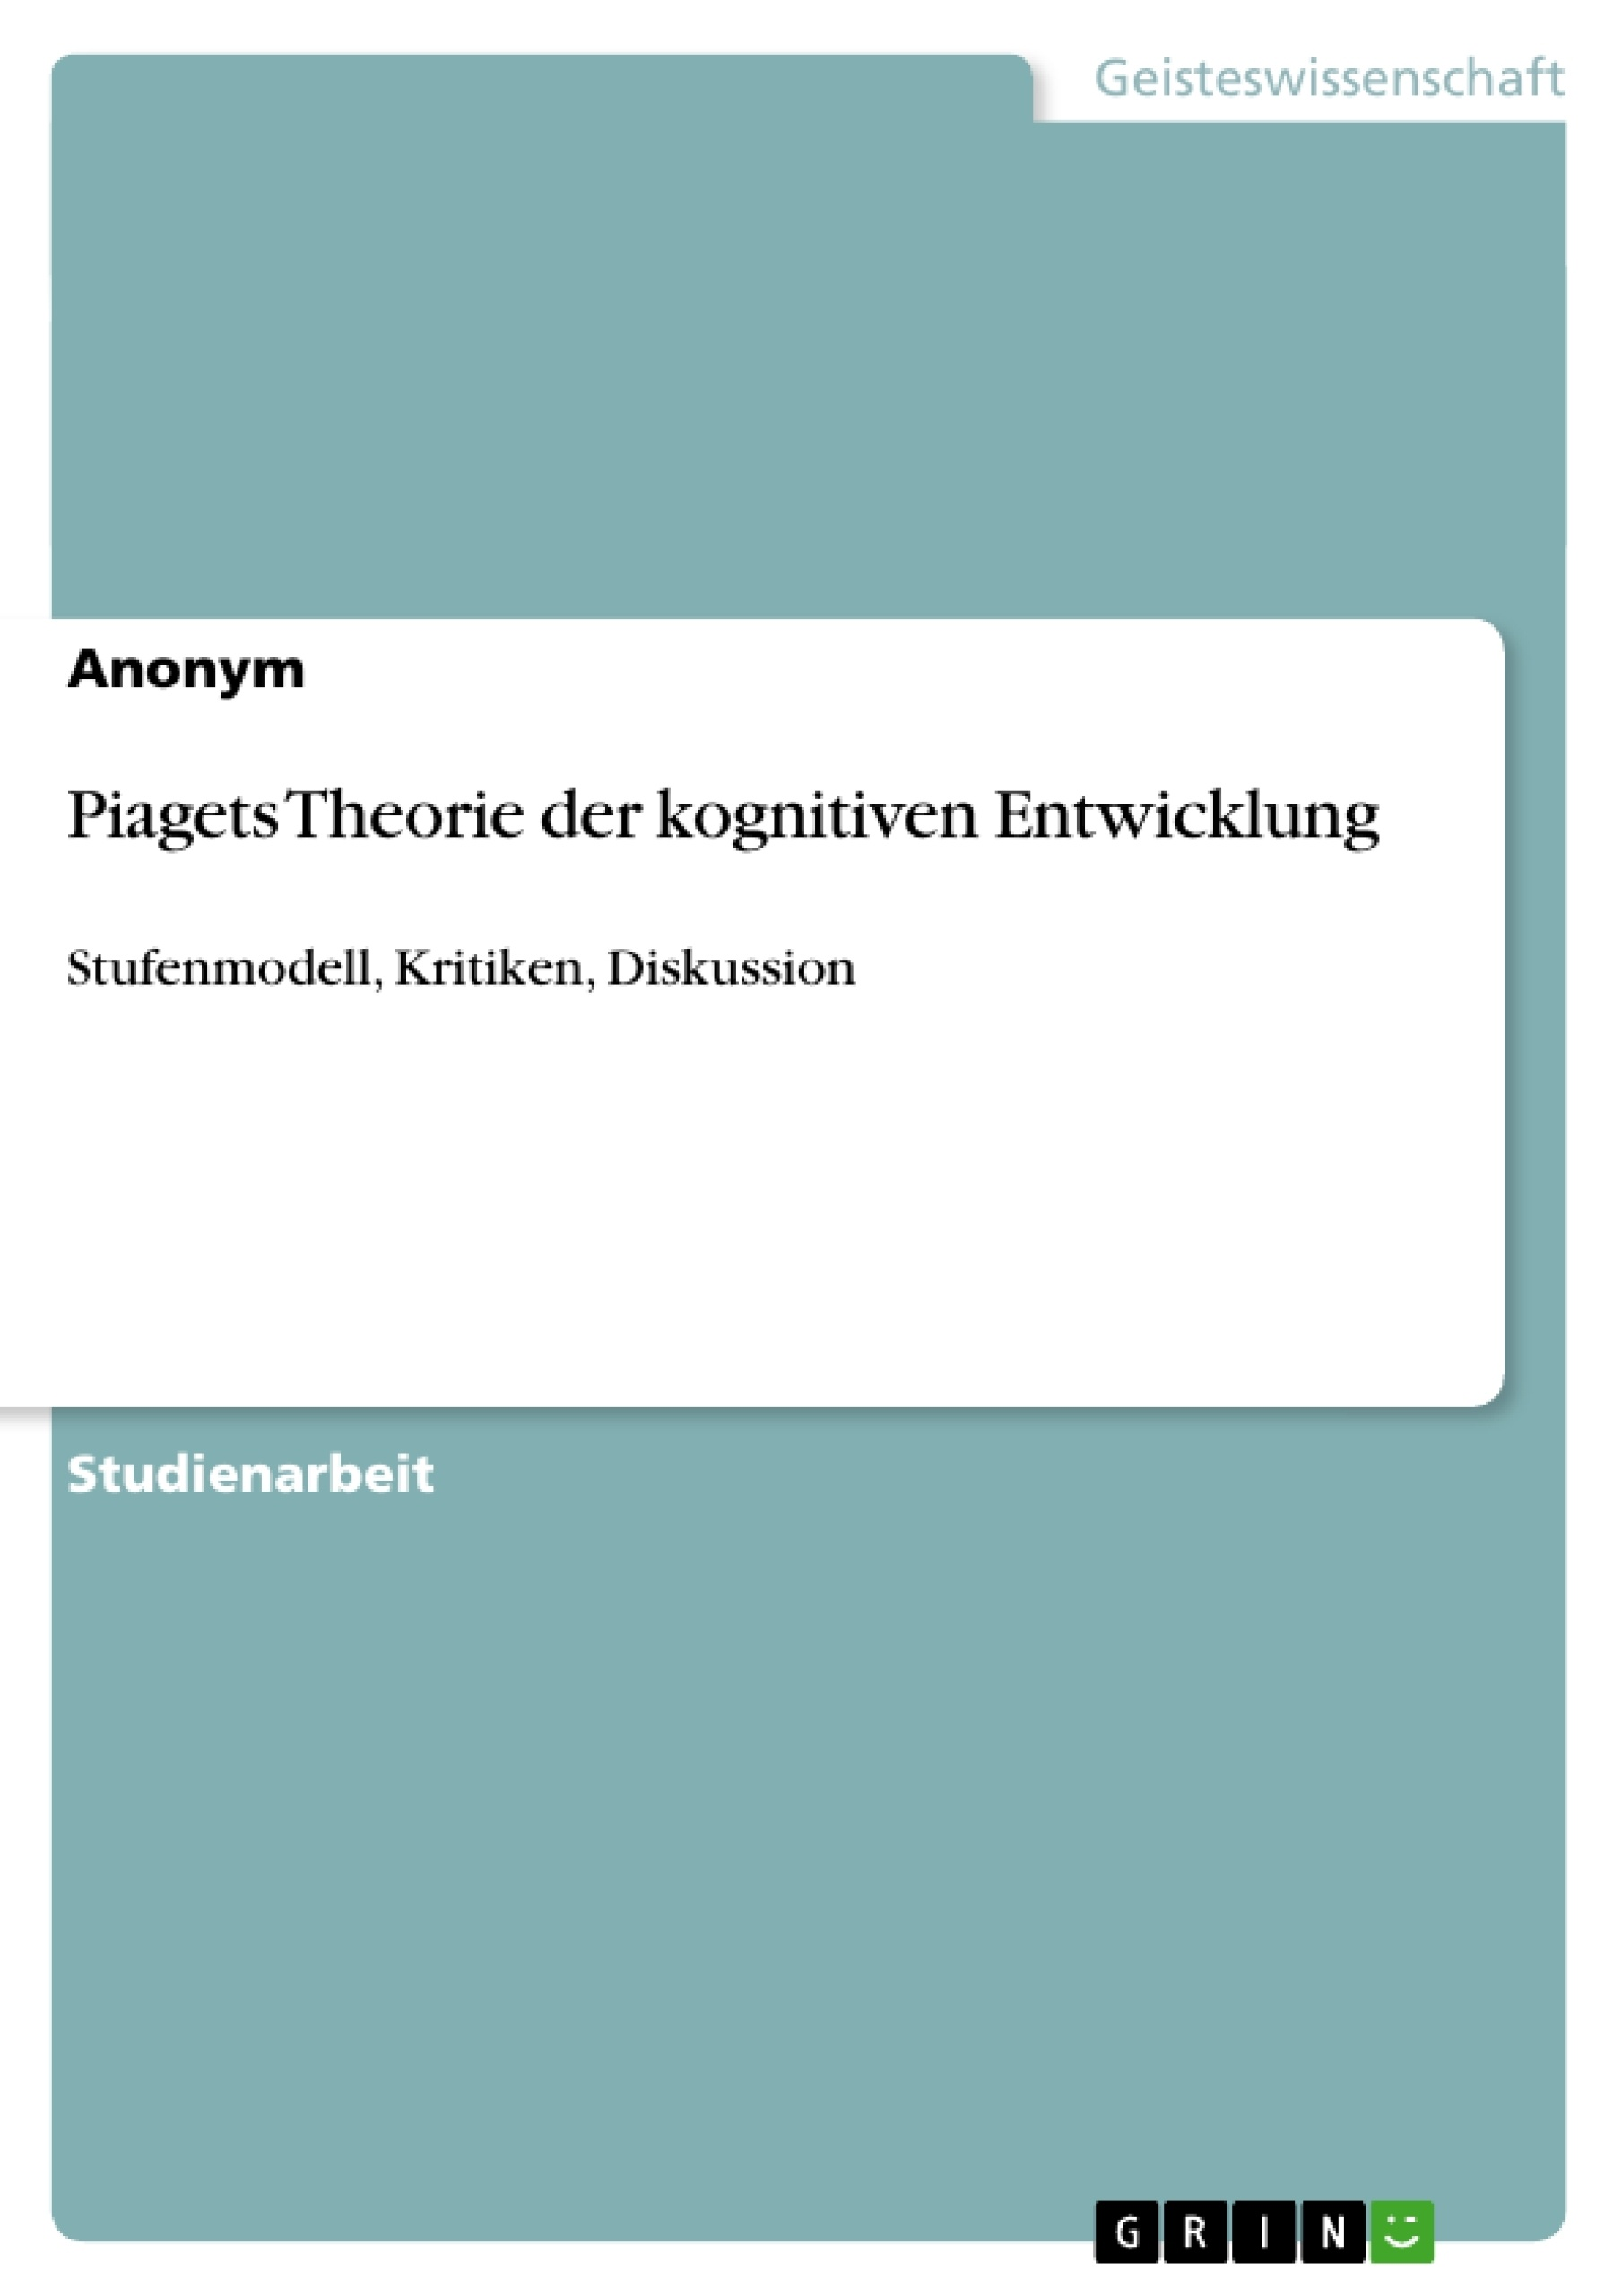 Titel: Piagets Theorie der kognitiven Entwicklung